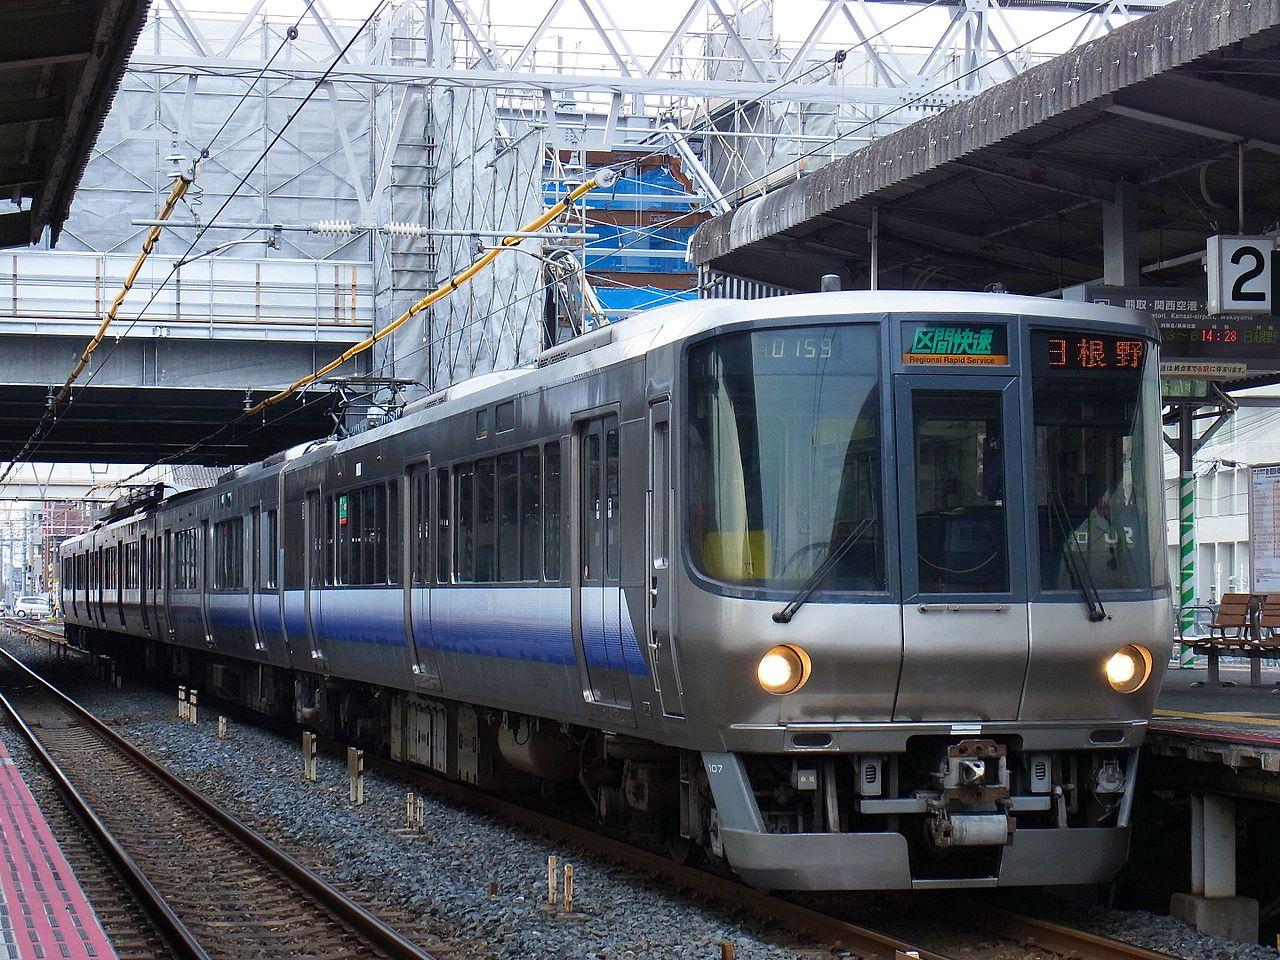 鶴ヶ丘駅 アイキャッチ画像